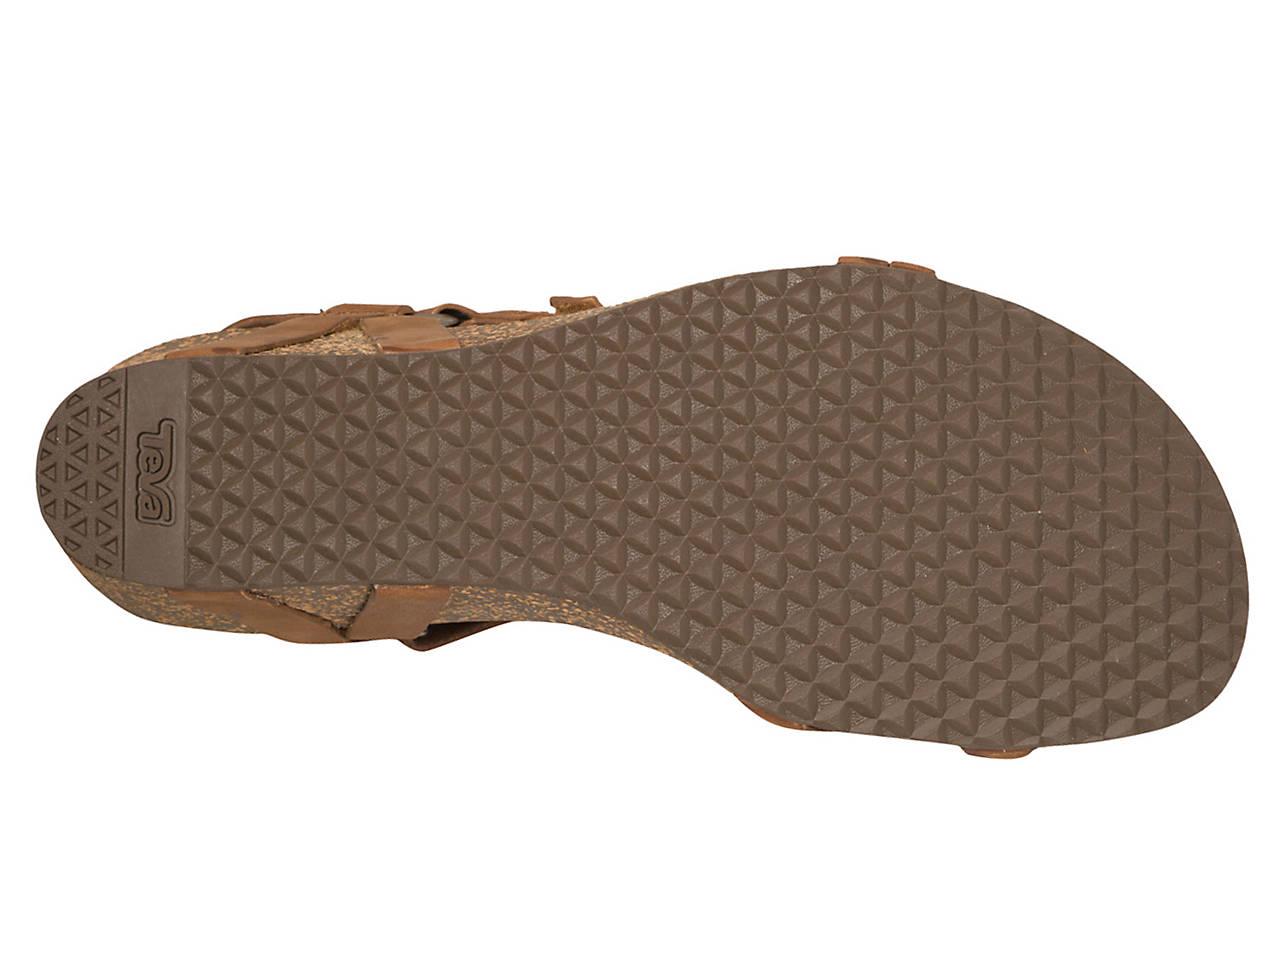 f15b43d3bbdf5 Teva Ysidro Wedge Sandal Women s Shoes